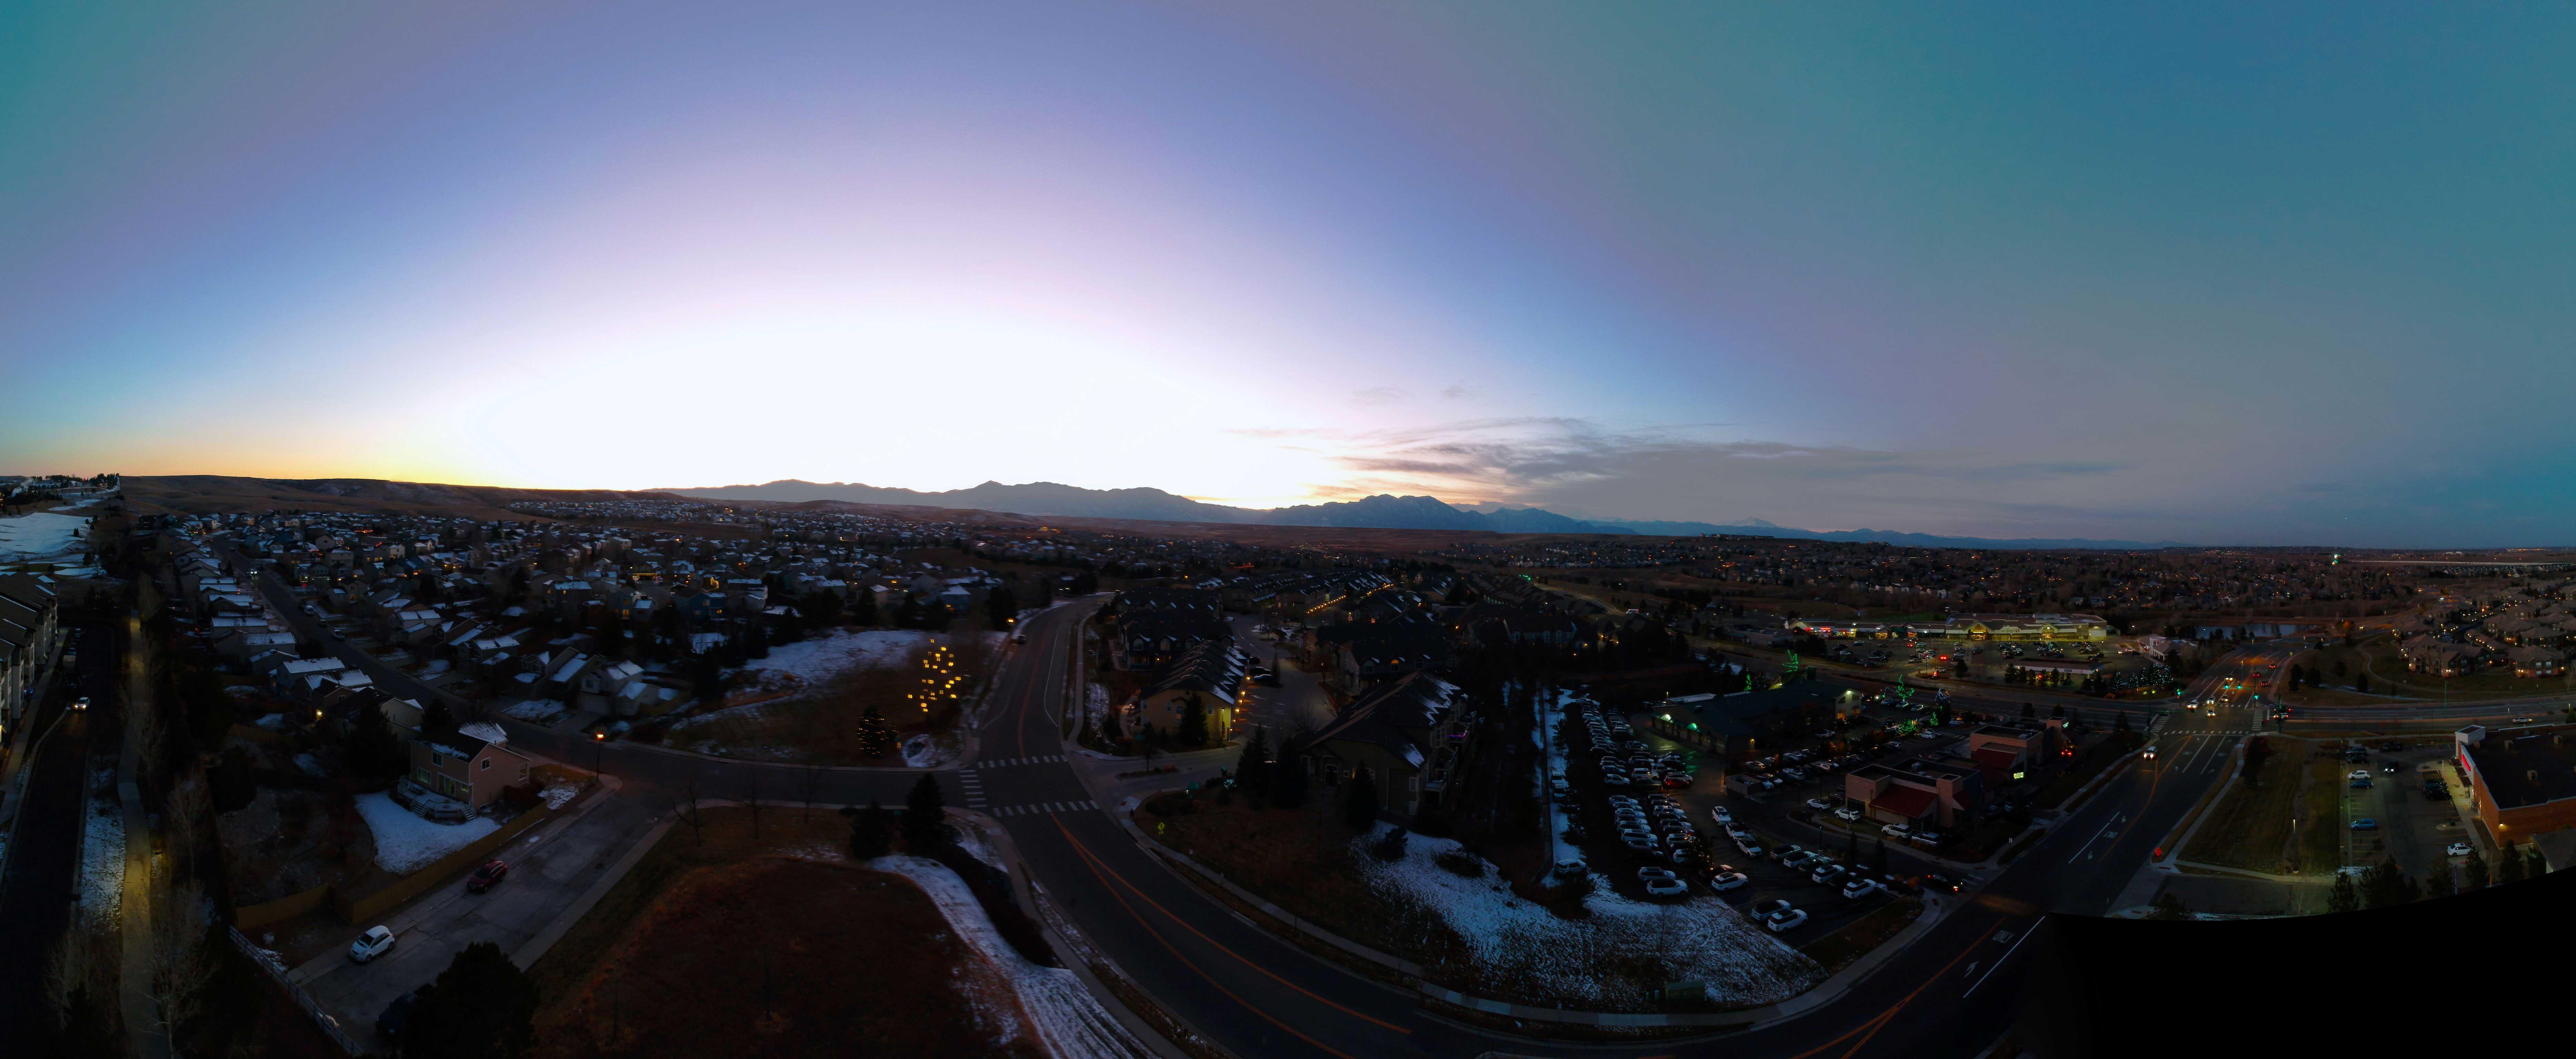 Sunset 180 Panorama - Broomfield, CO - Cannabenoid